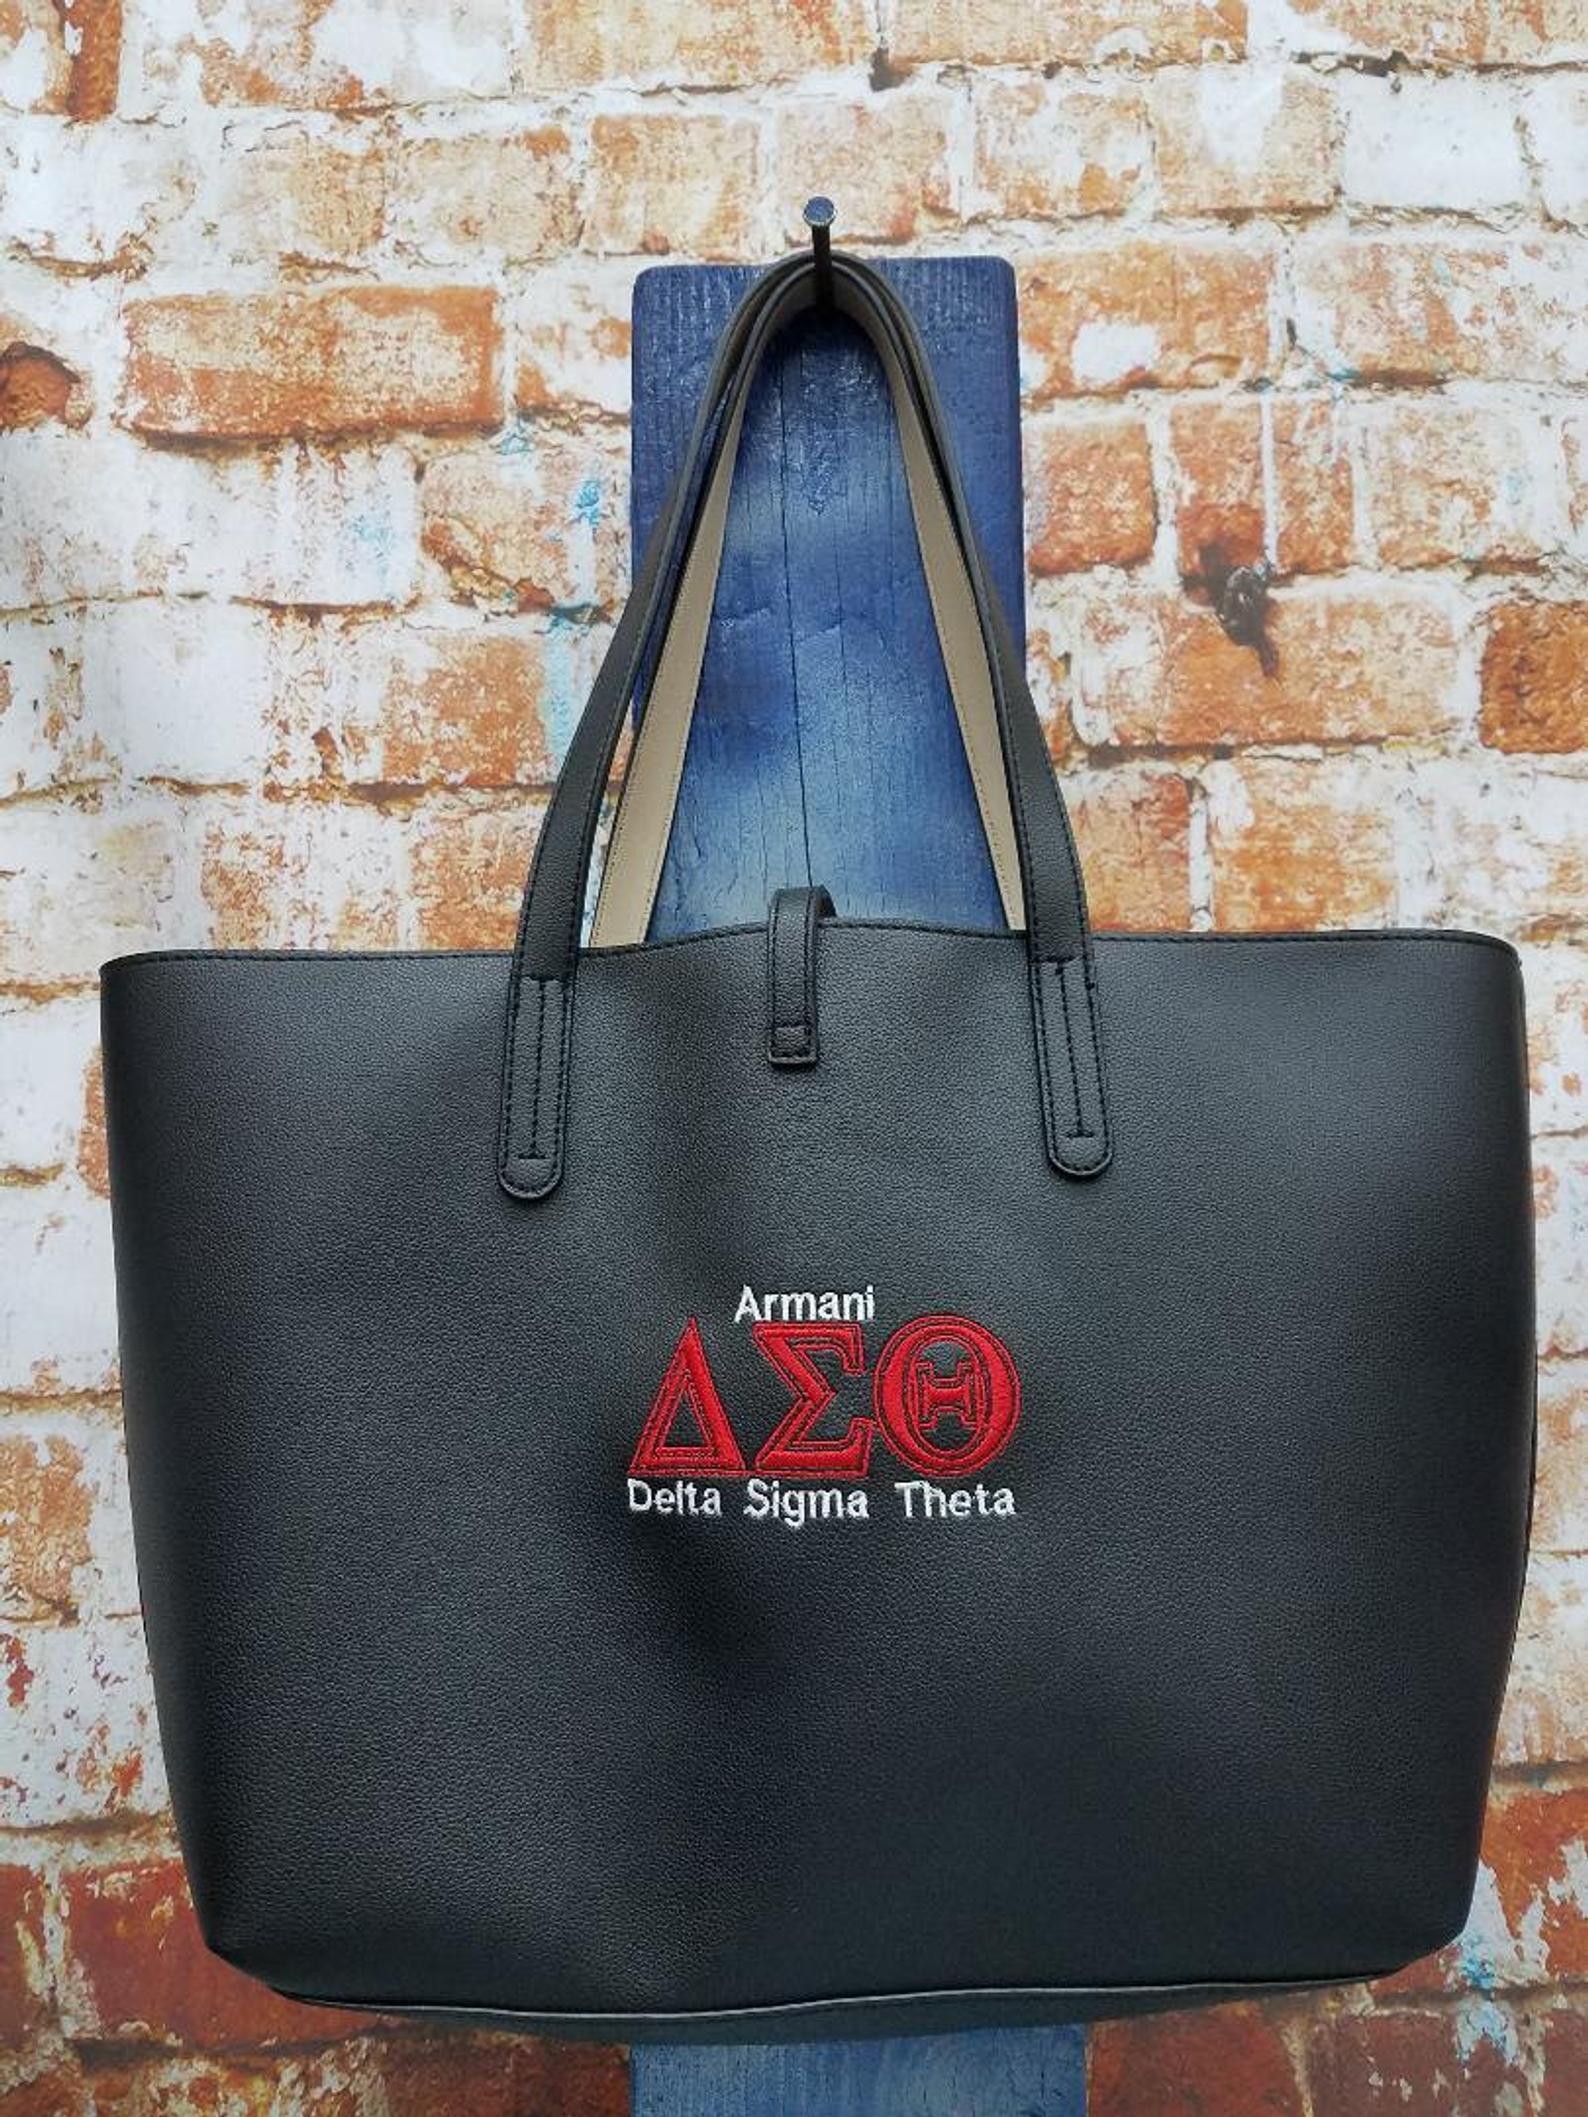 Delta Gifts Delta Sigma Theta Tote Delta Sigma Theta Delta Sigma Theta Sorority Delta Sigma Theta Sorority Bag